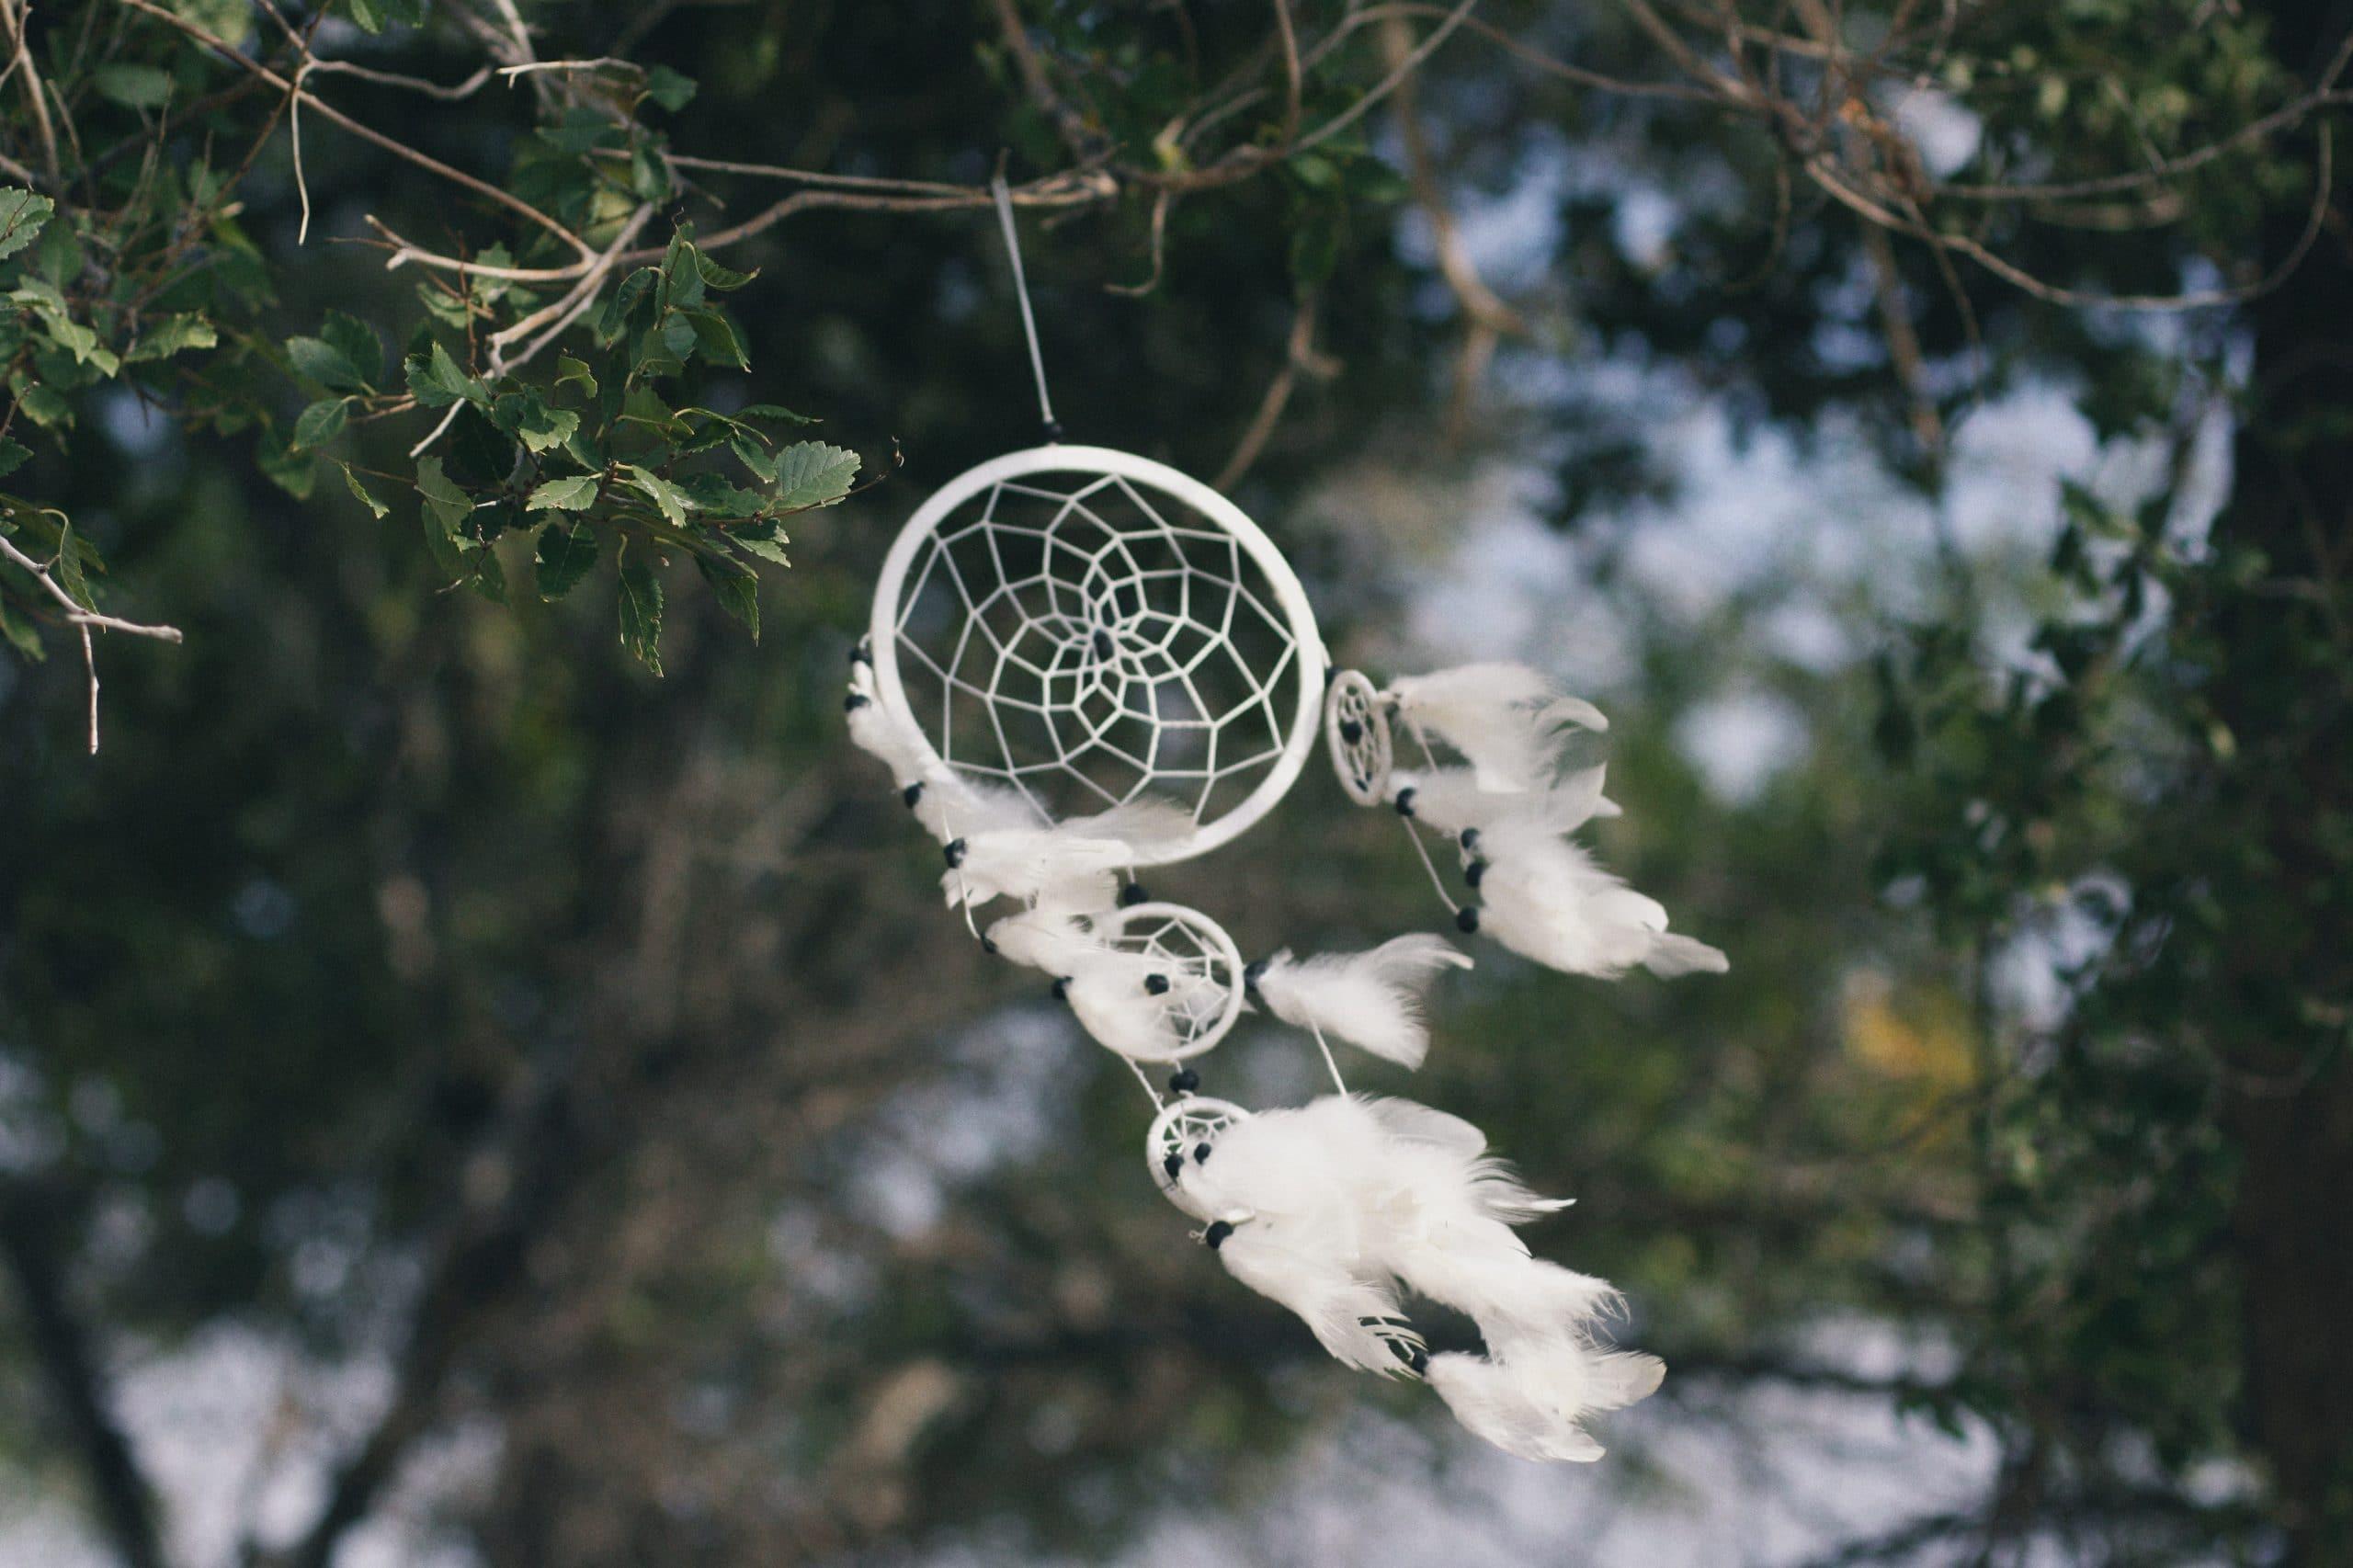 dromenvanger ophangen in de tuin